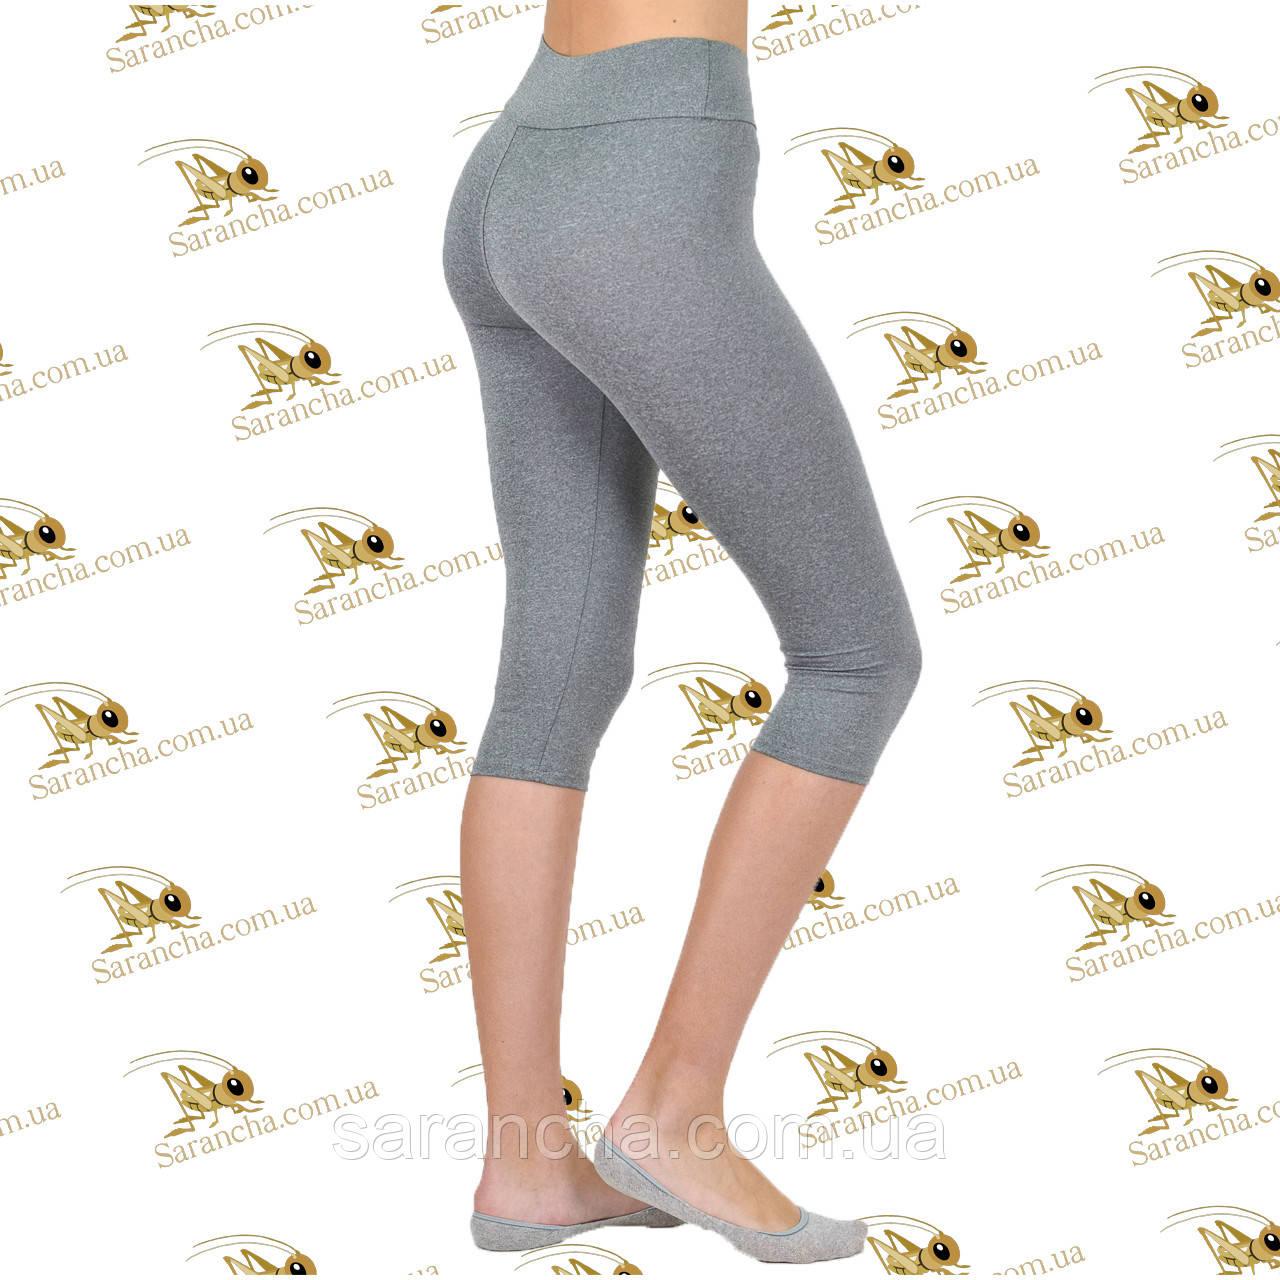 Жіночі безшовні спортивні бриджі трикотаж сірий меланж